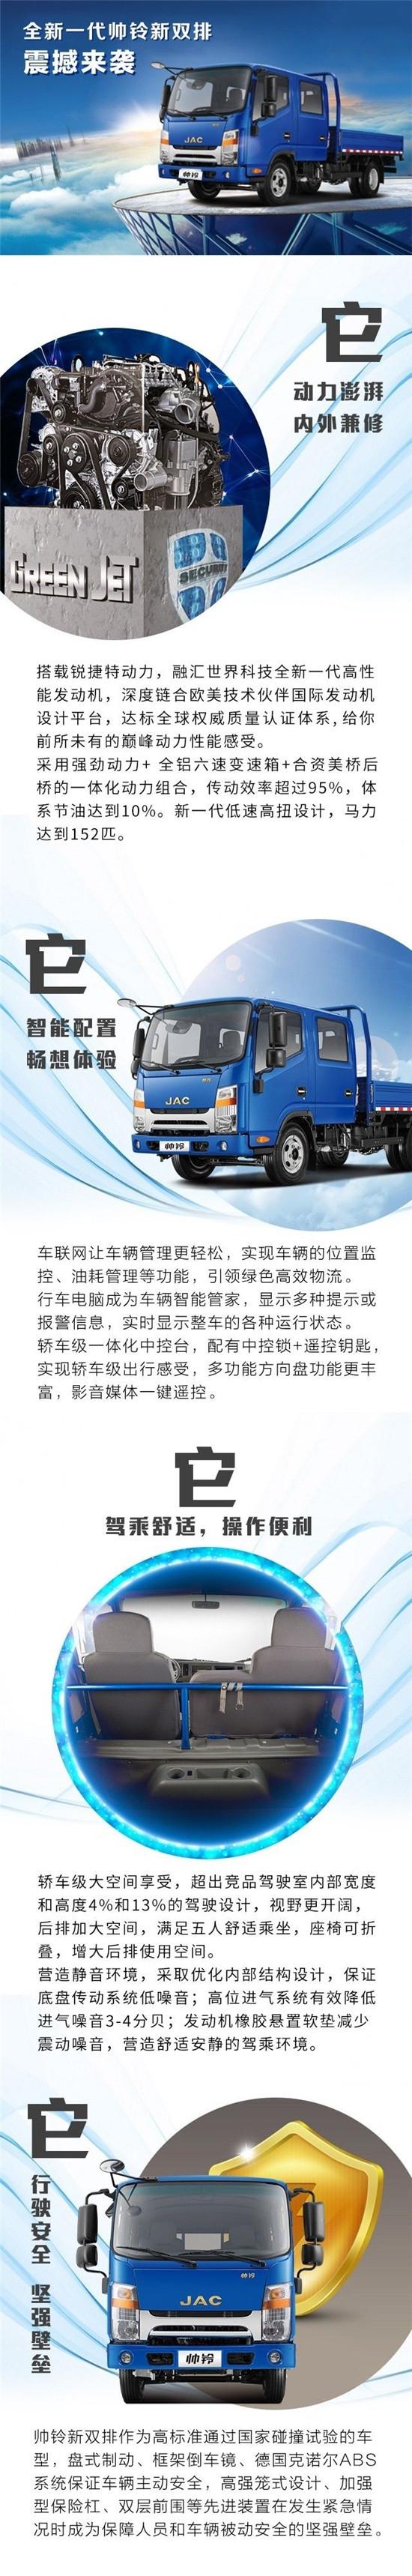 江淮帅铃系全新双排轻卡车详解